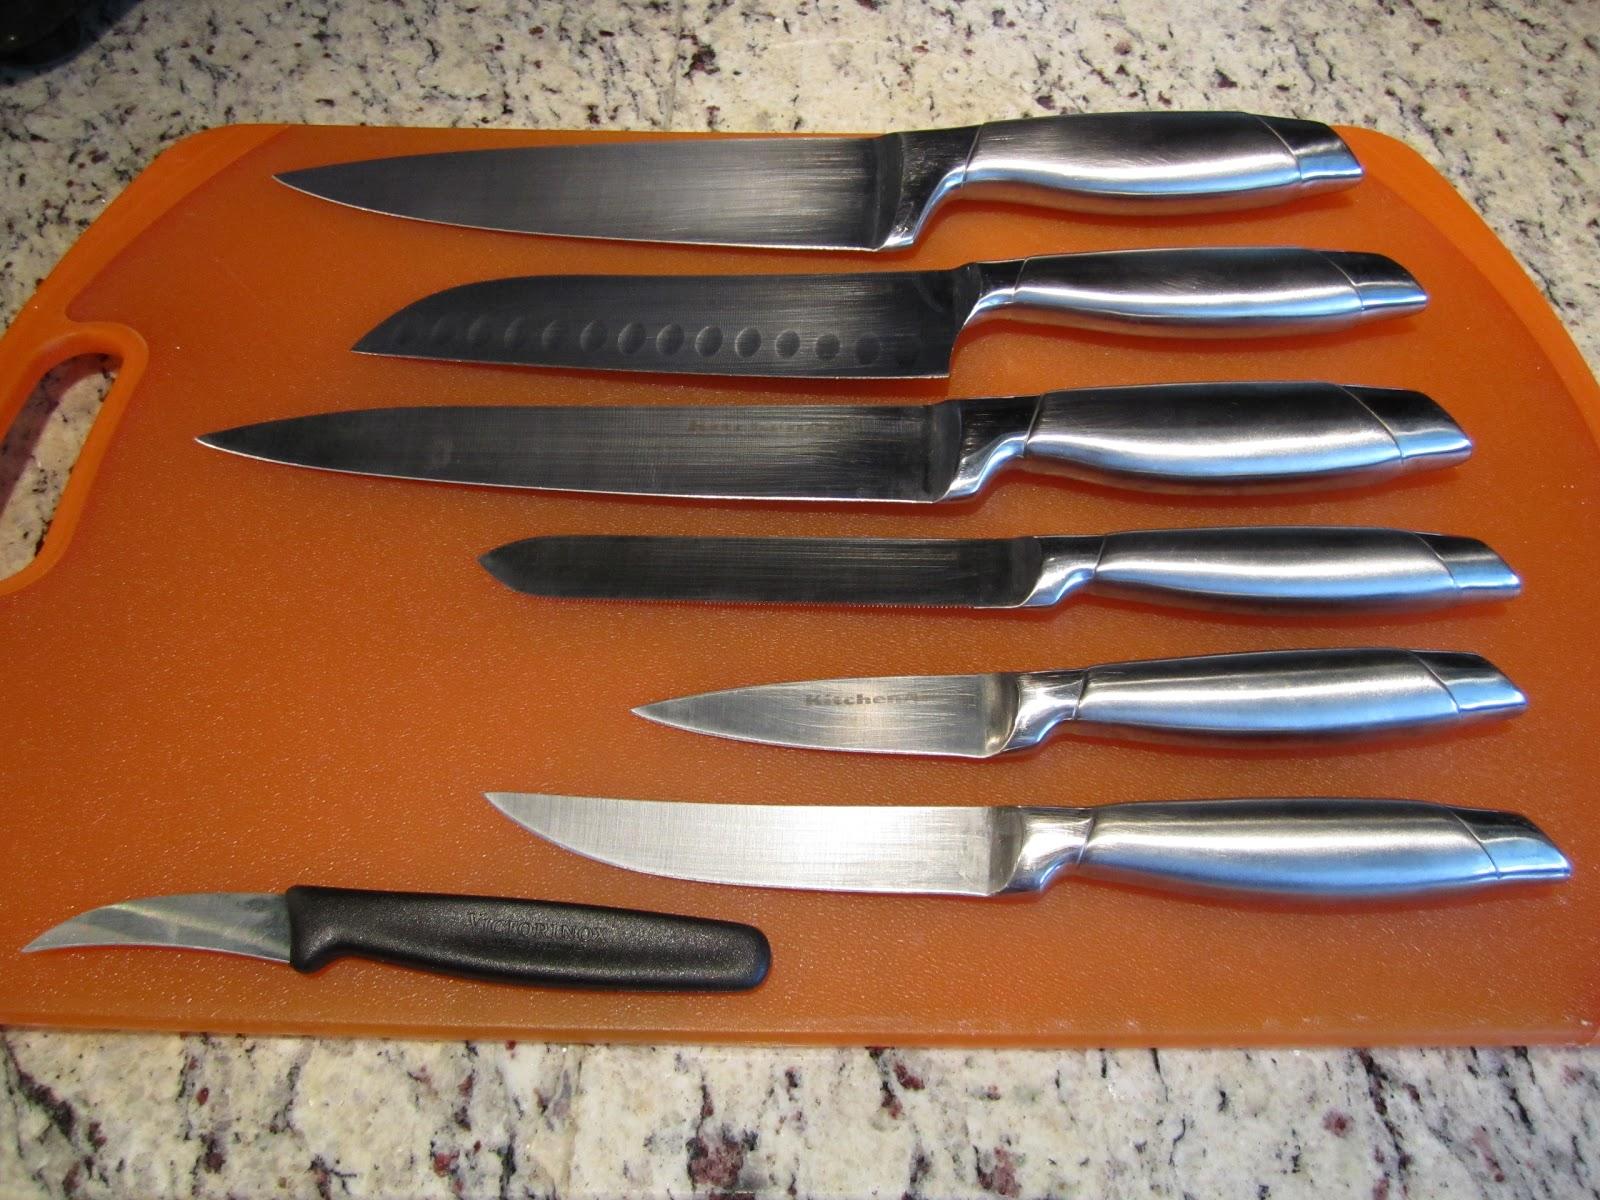 Julie cocina cuchillos for Cuchillos cocina